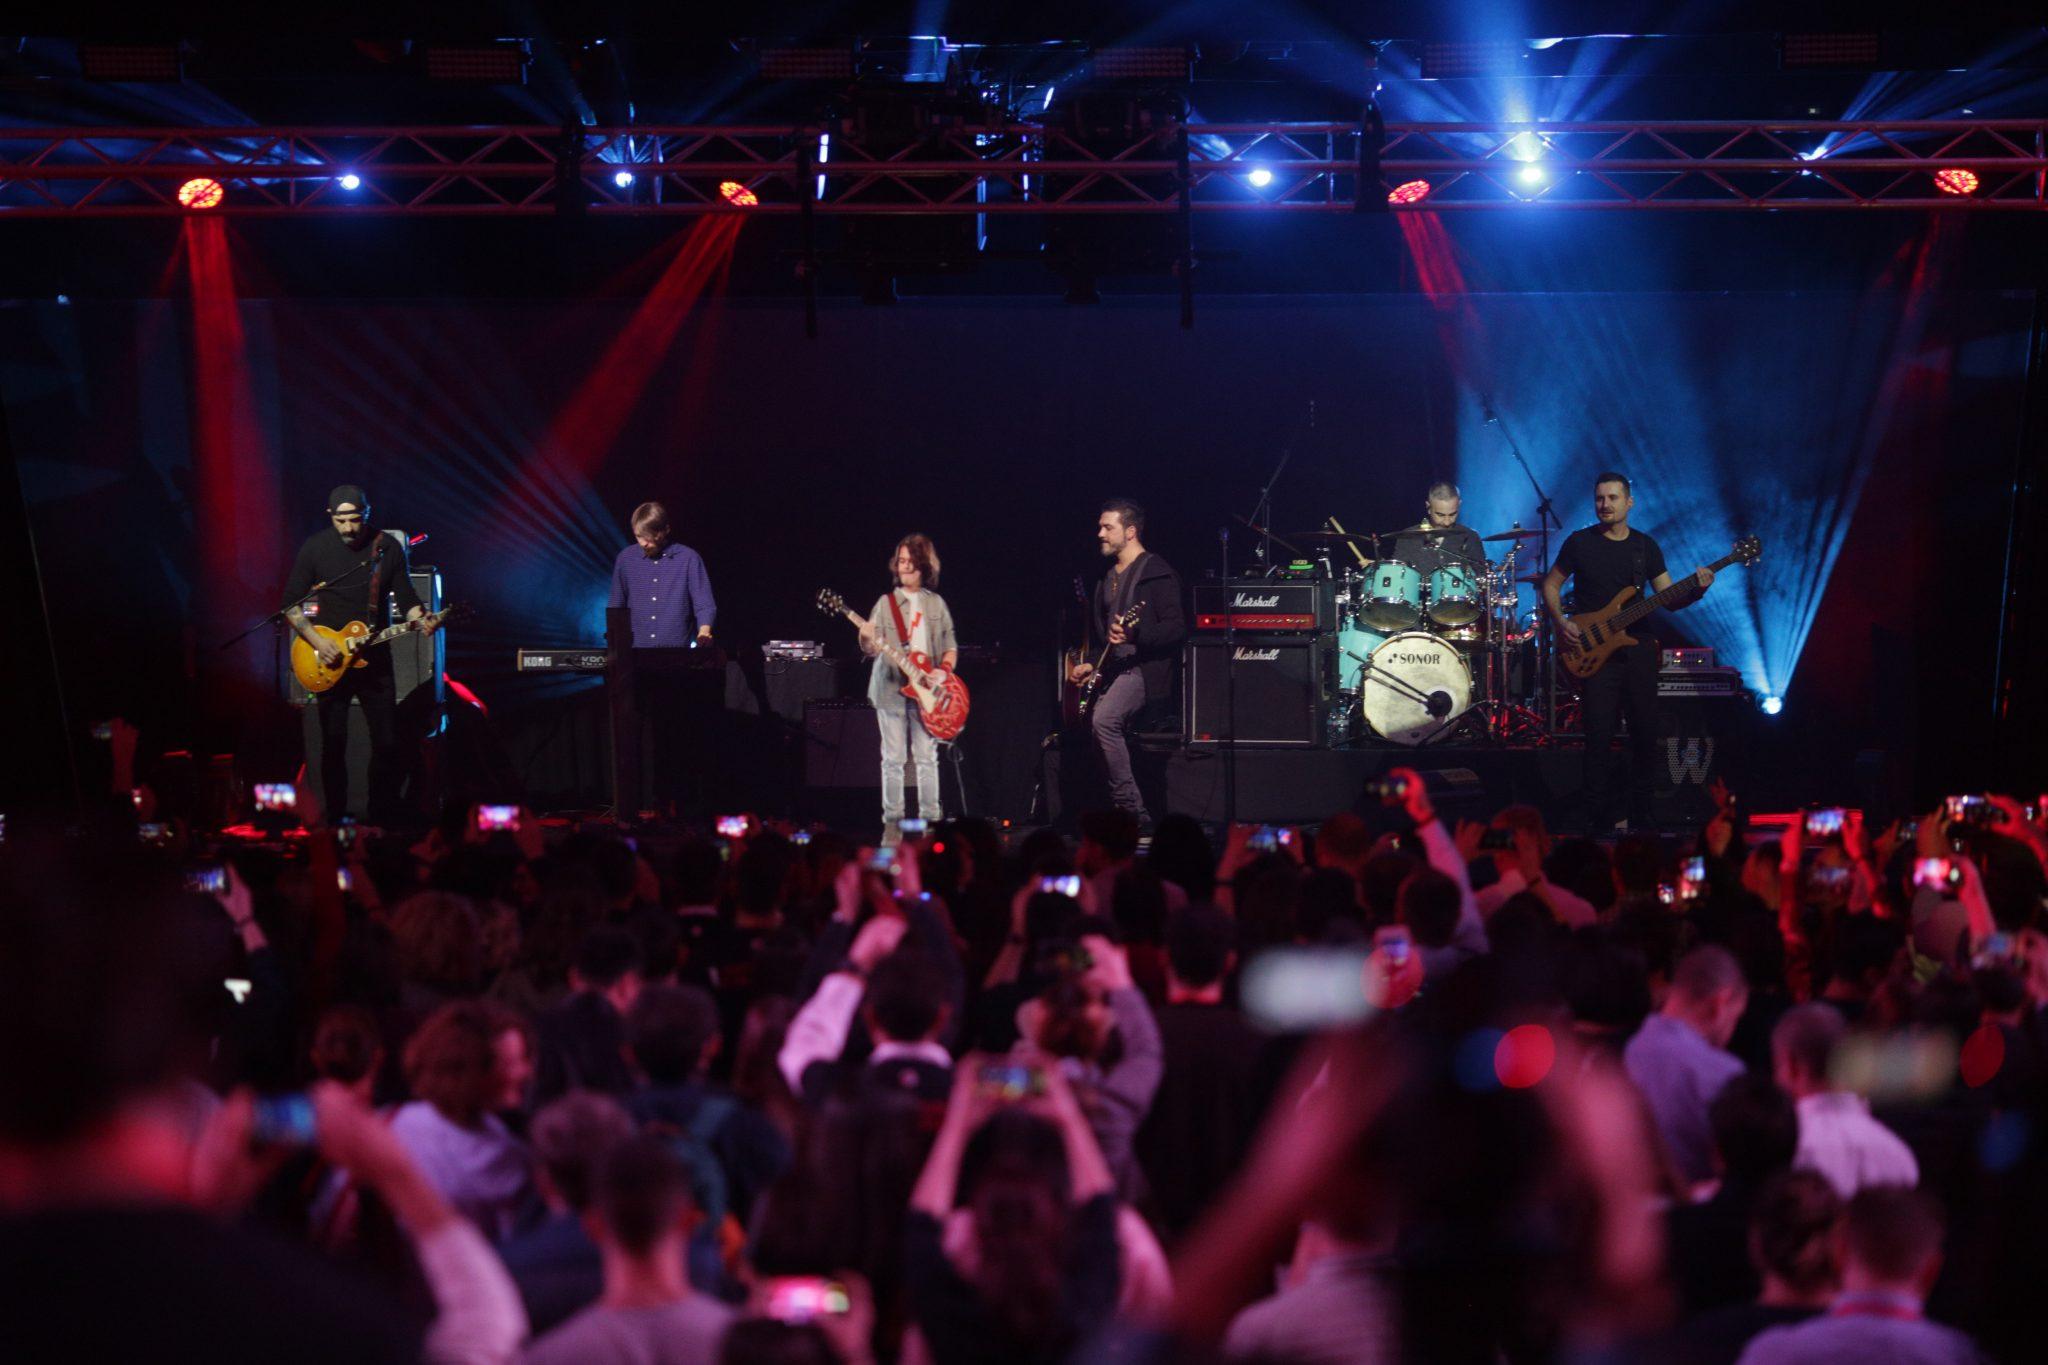 concert vodafone 5g